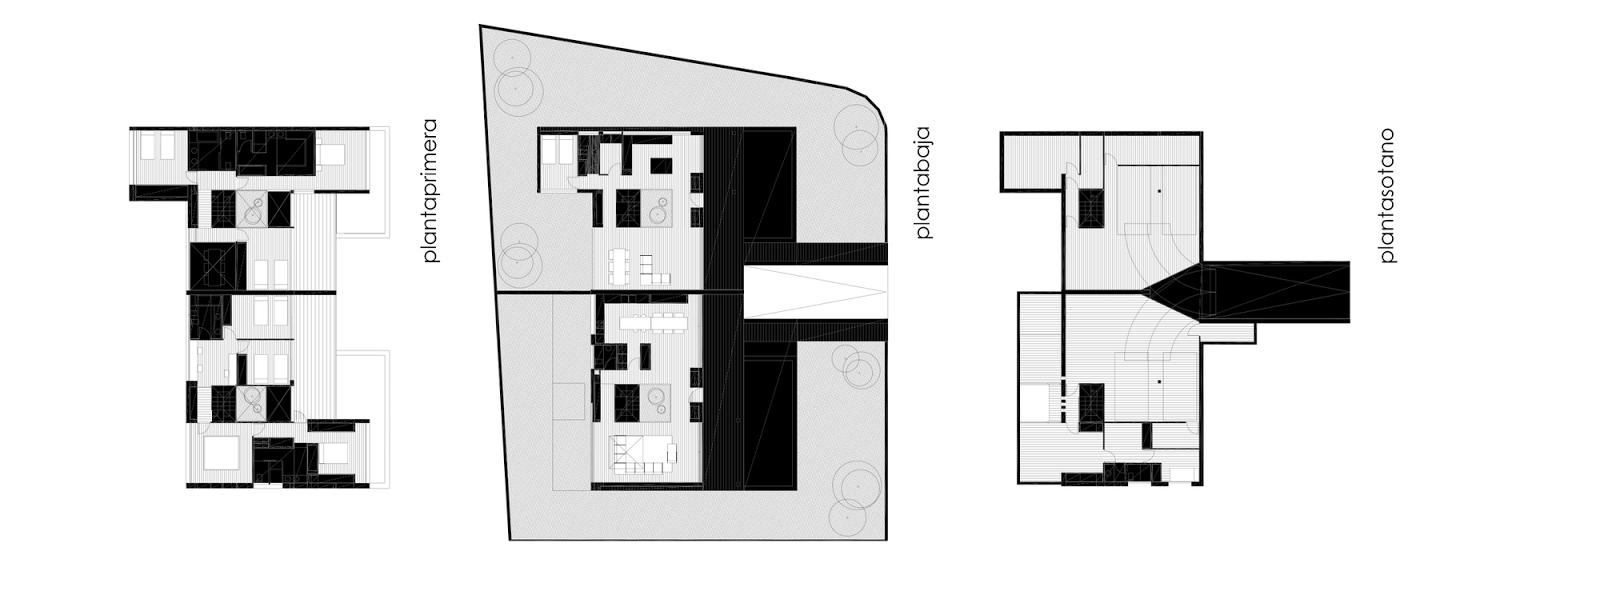 Planos de casas con fachada minimalista antonio for Casas minimalistas planos